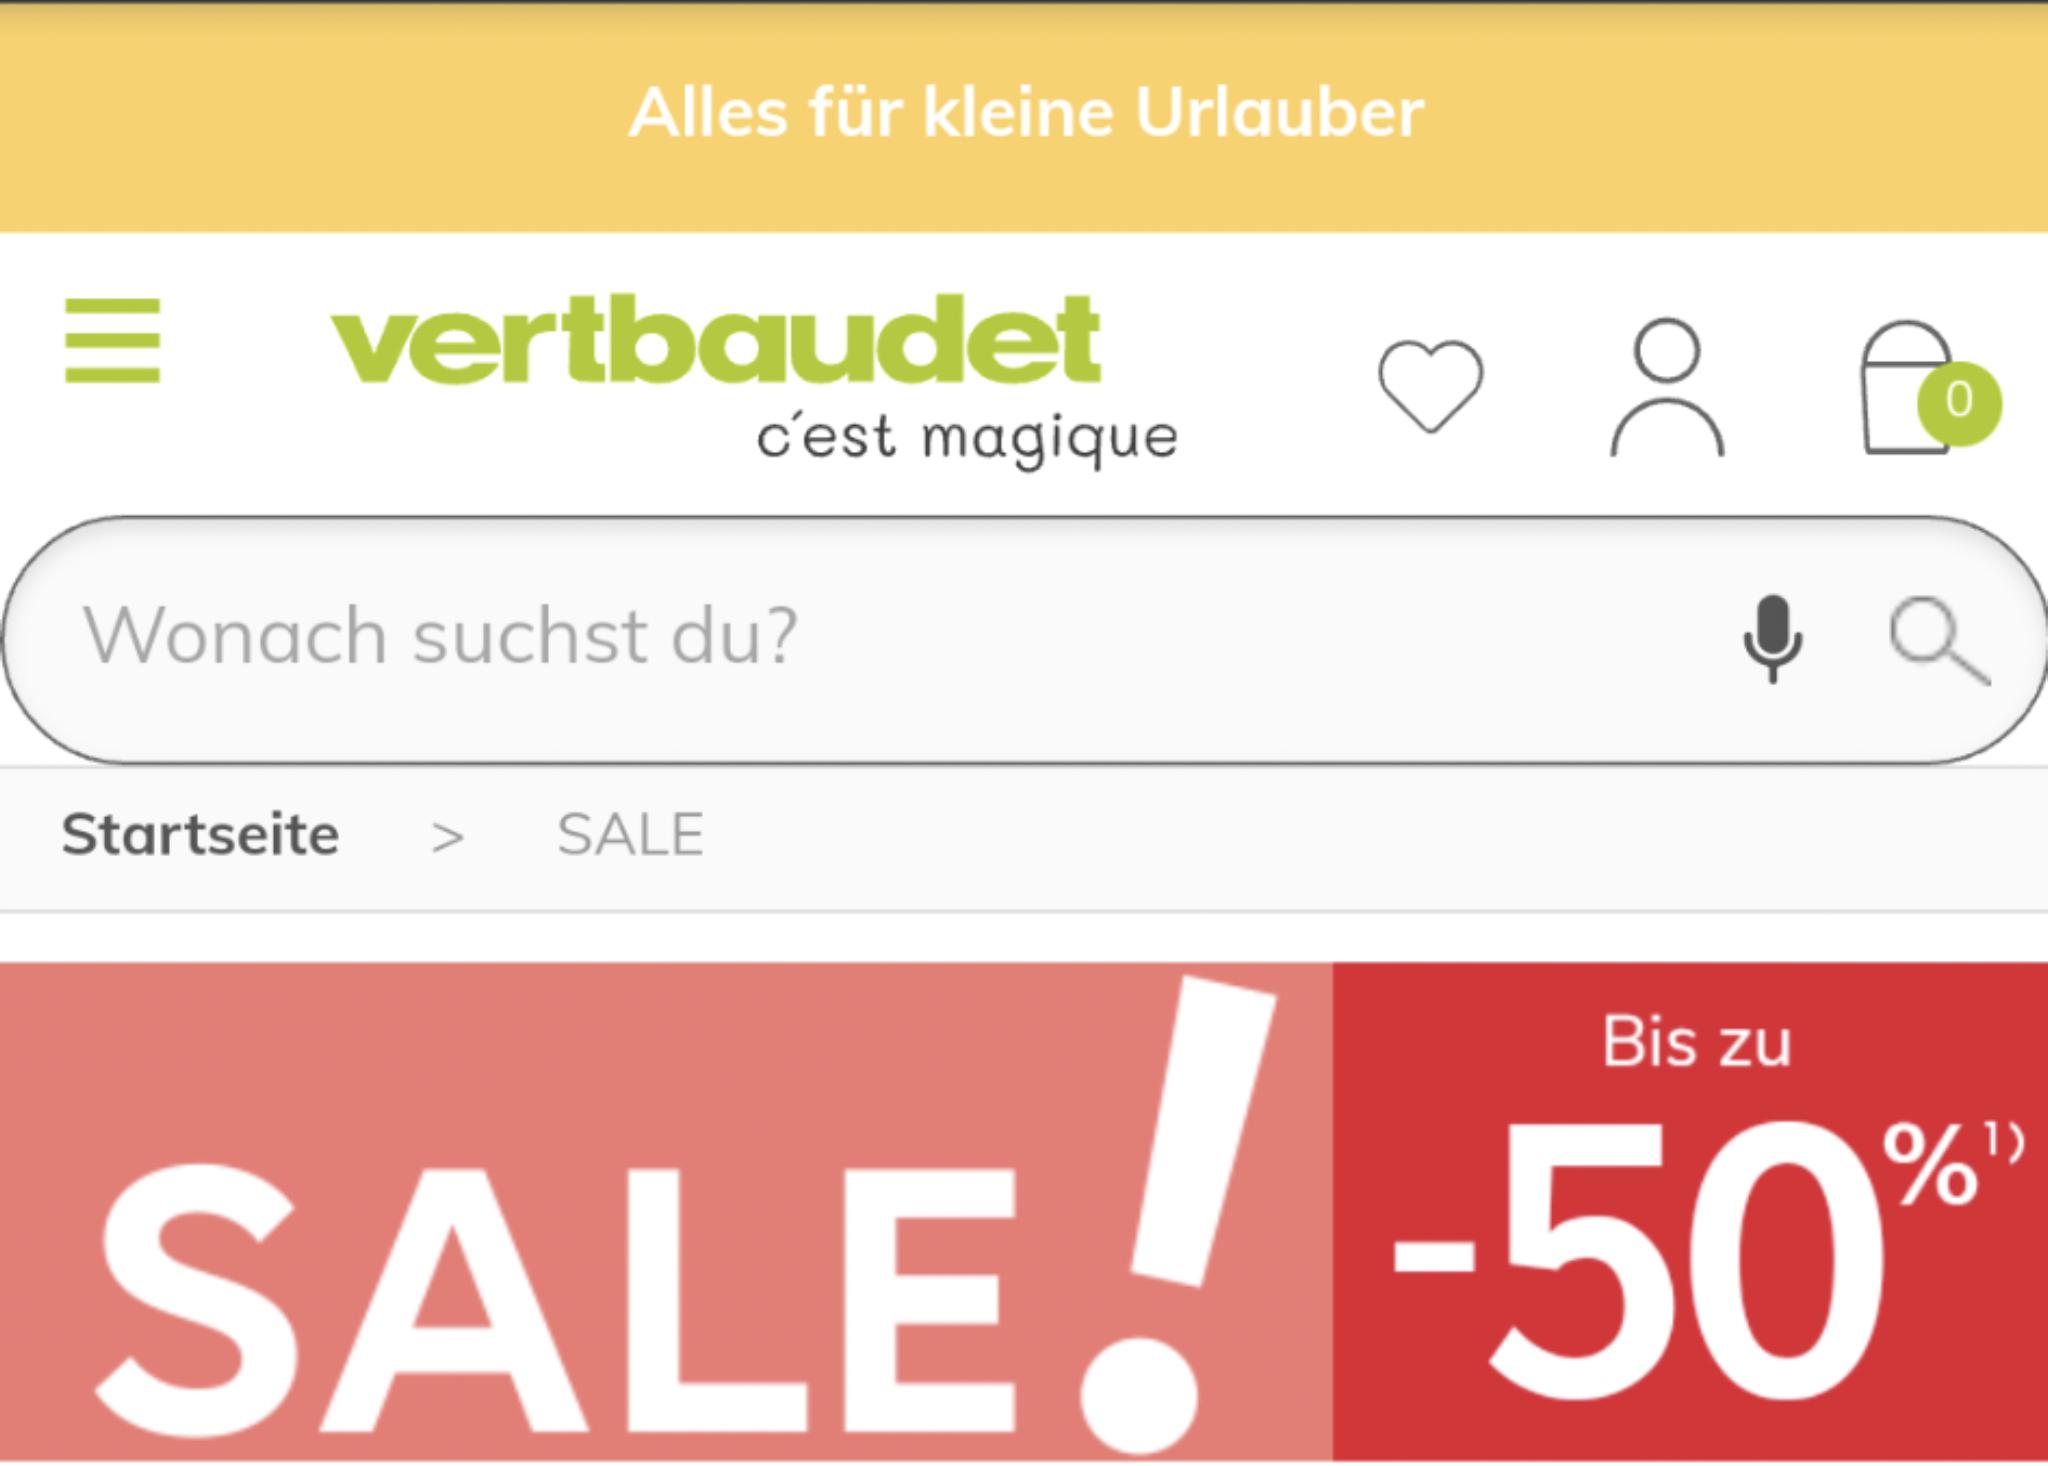 Sale bei Vertbaudet bis zu 50% + 15€ Rabatt ab 50€